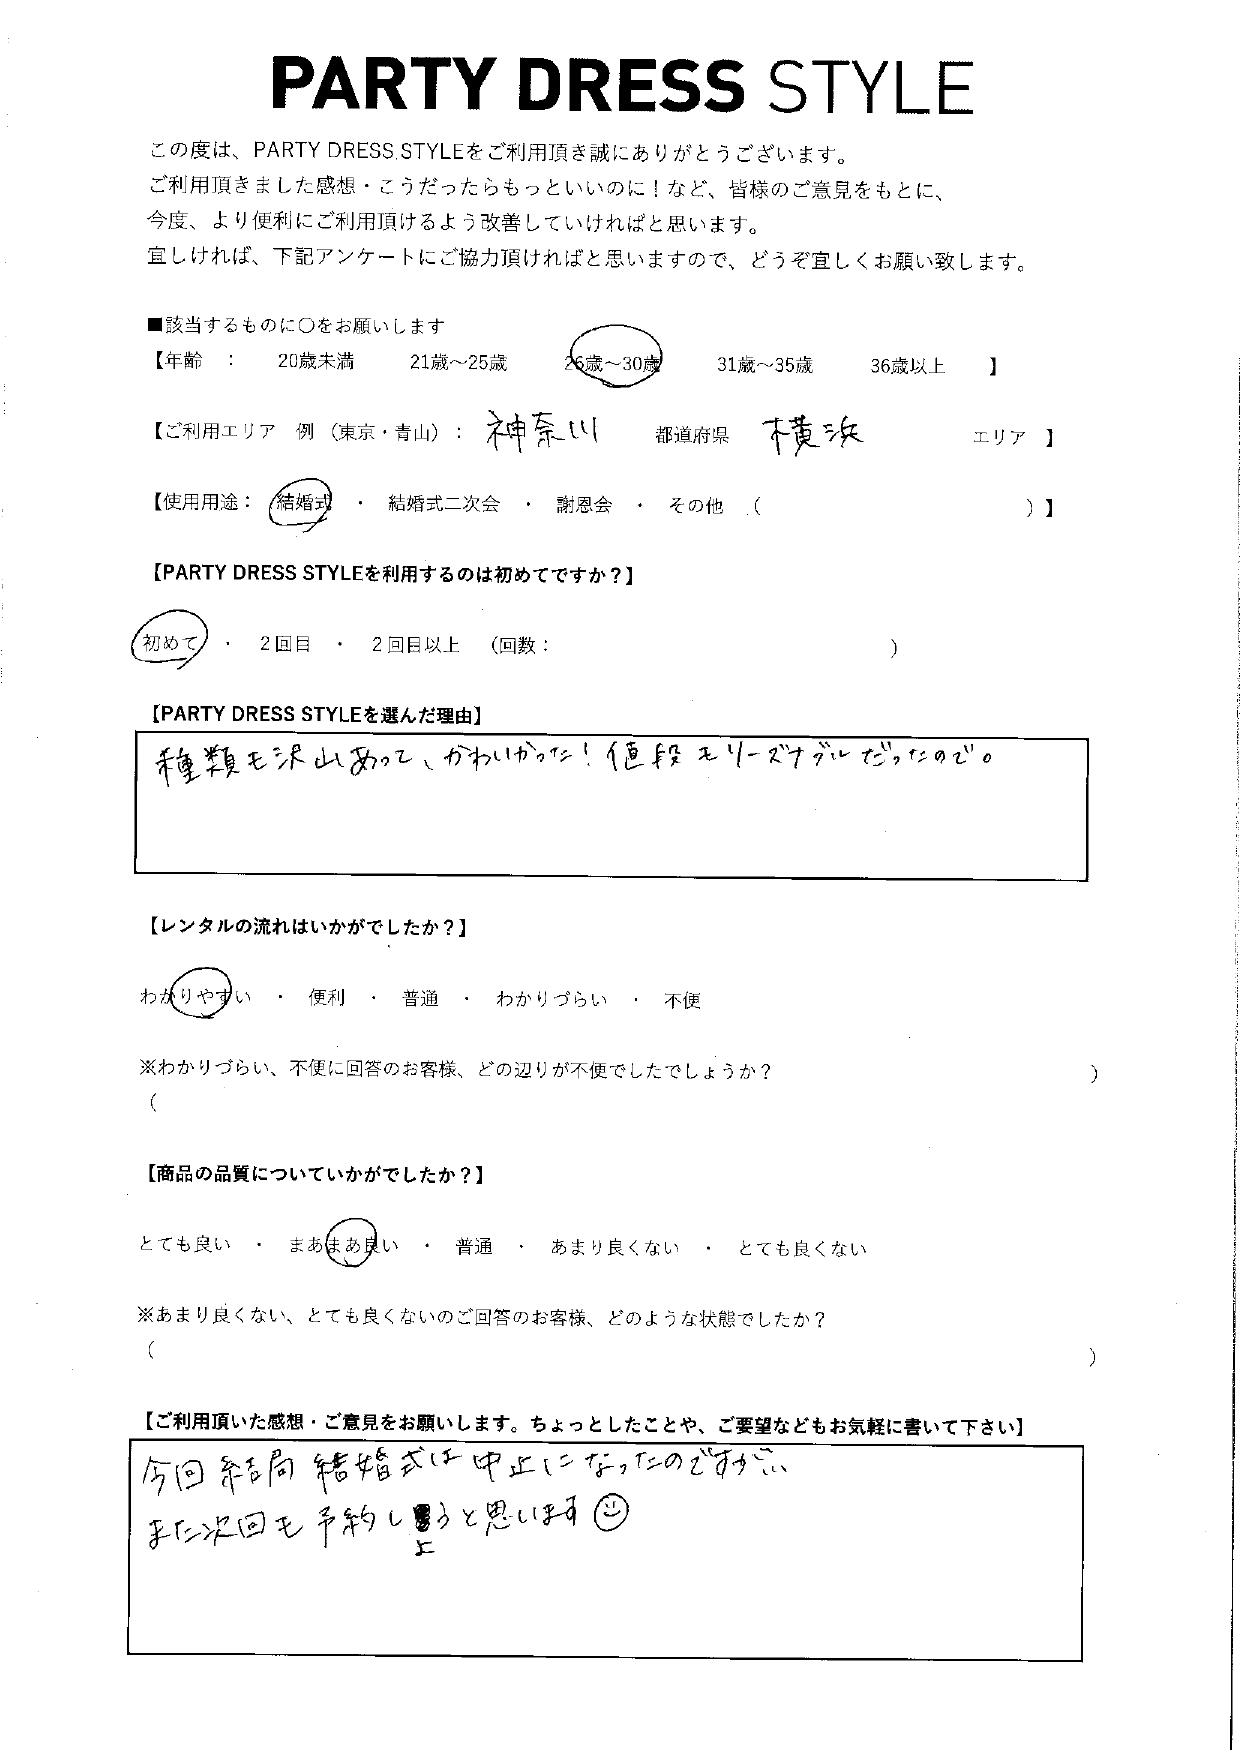 1/16結婚式ご利用 神奈川・横浜エリア